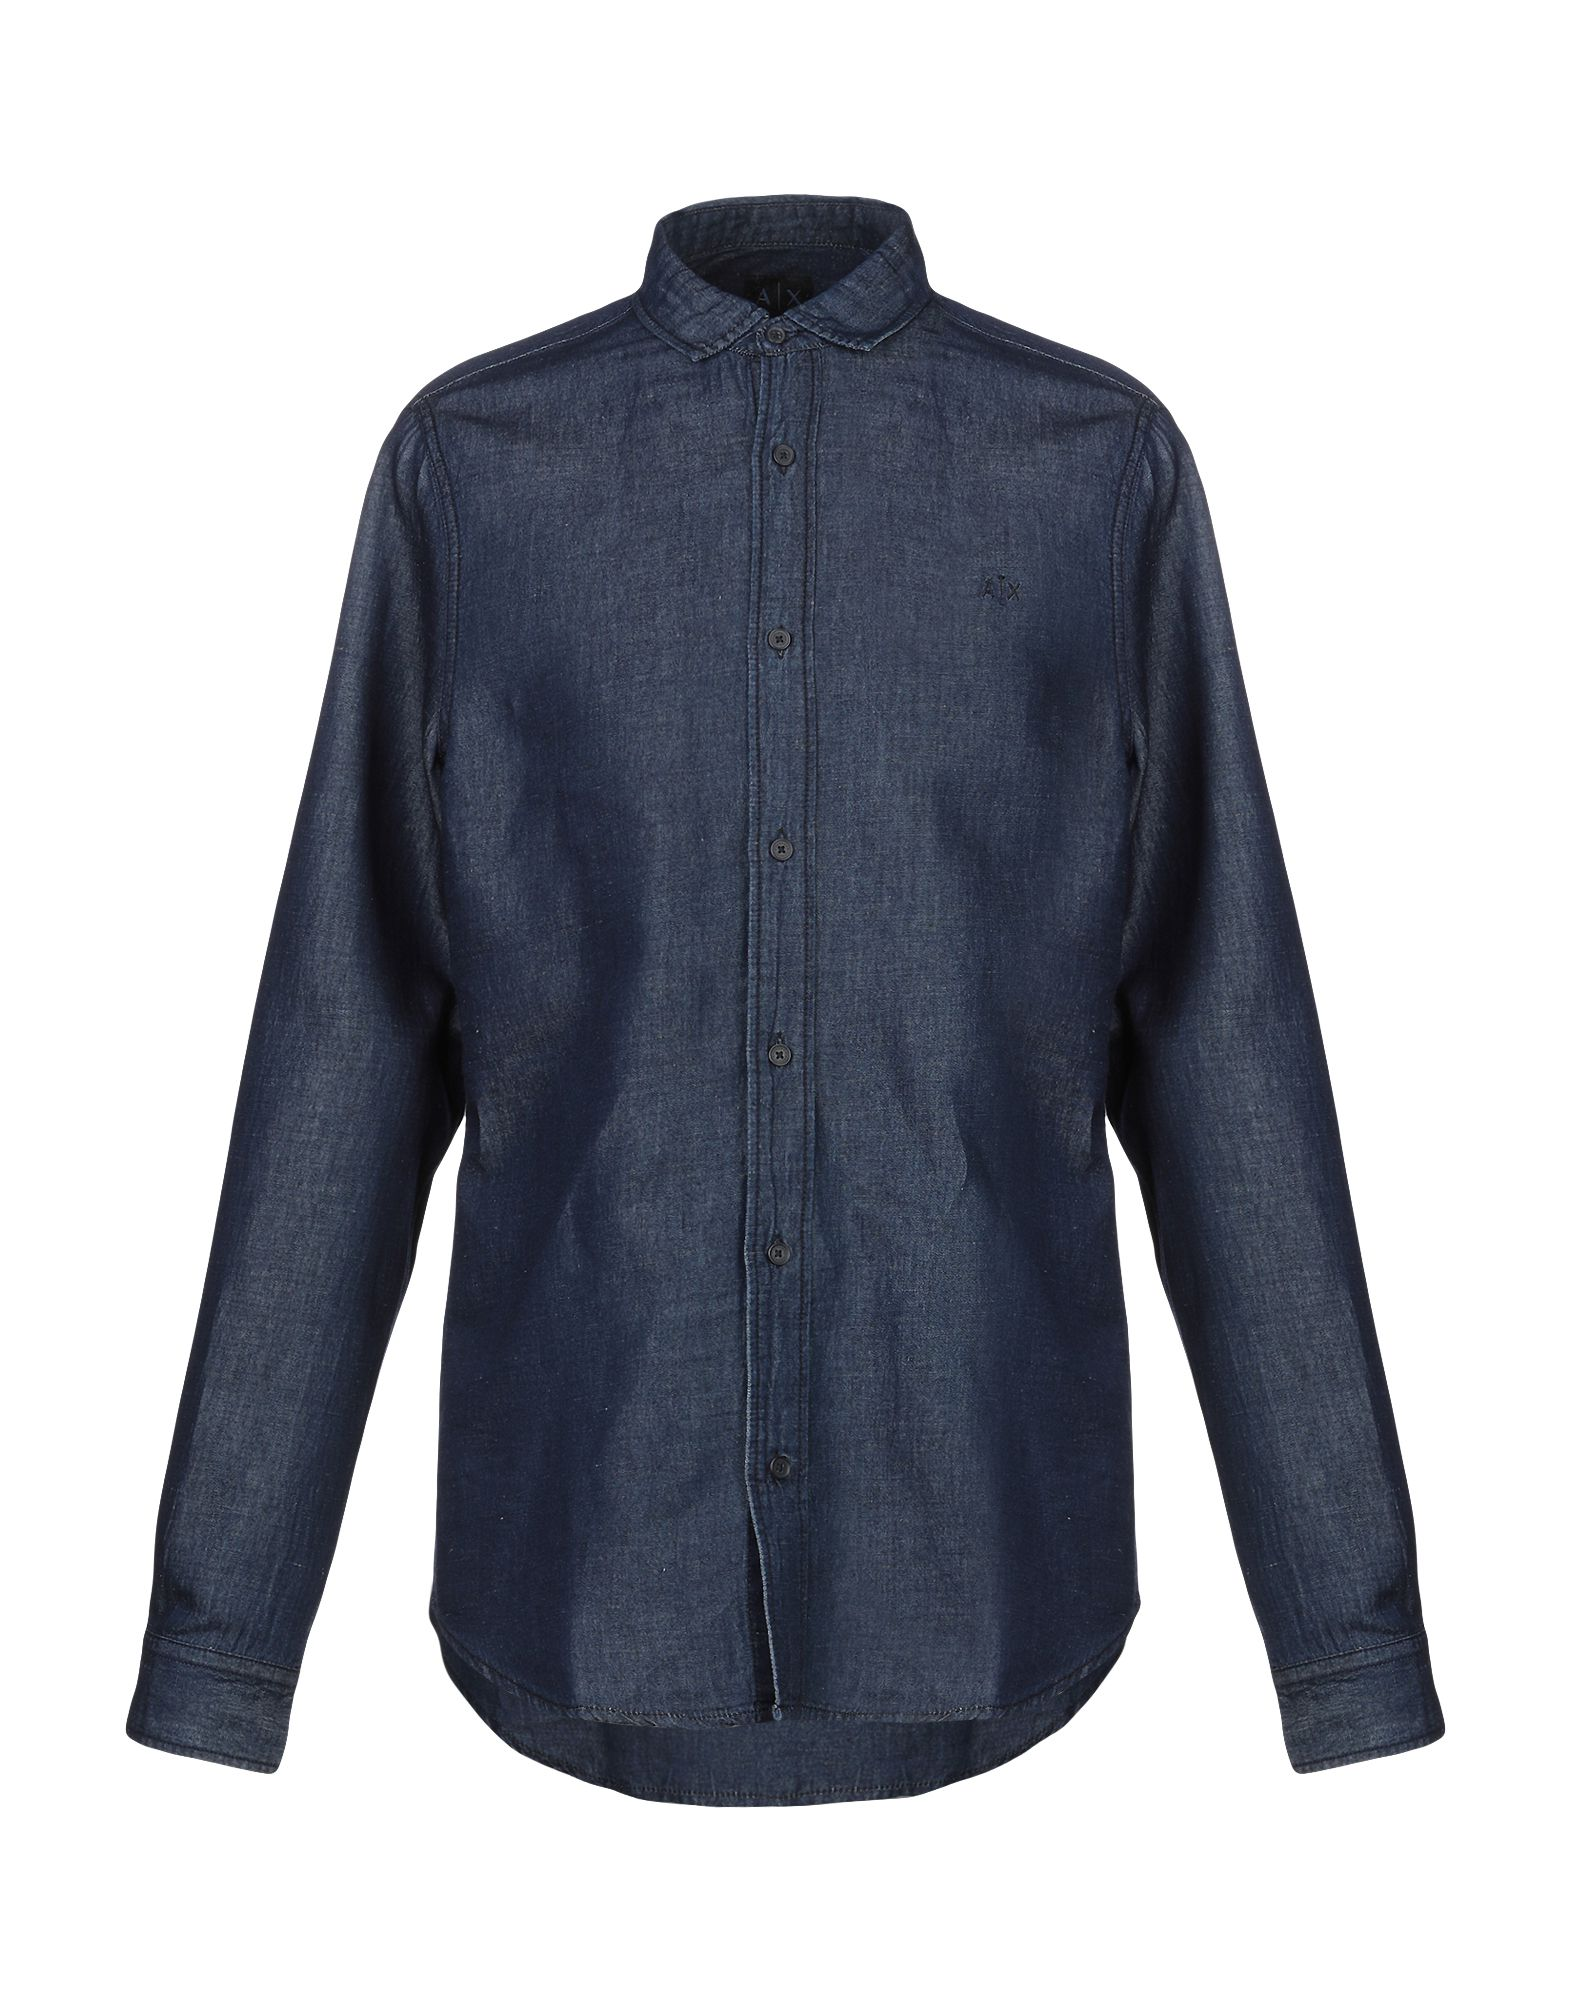 ARMANI EXCHANGE Джинсовая рубашка рубашка armani exchange armani exchange ar037emeity5